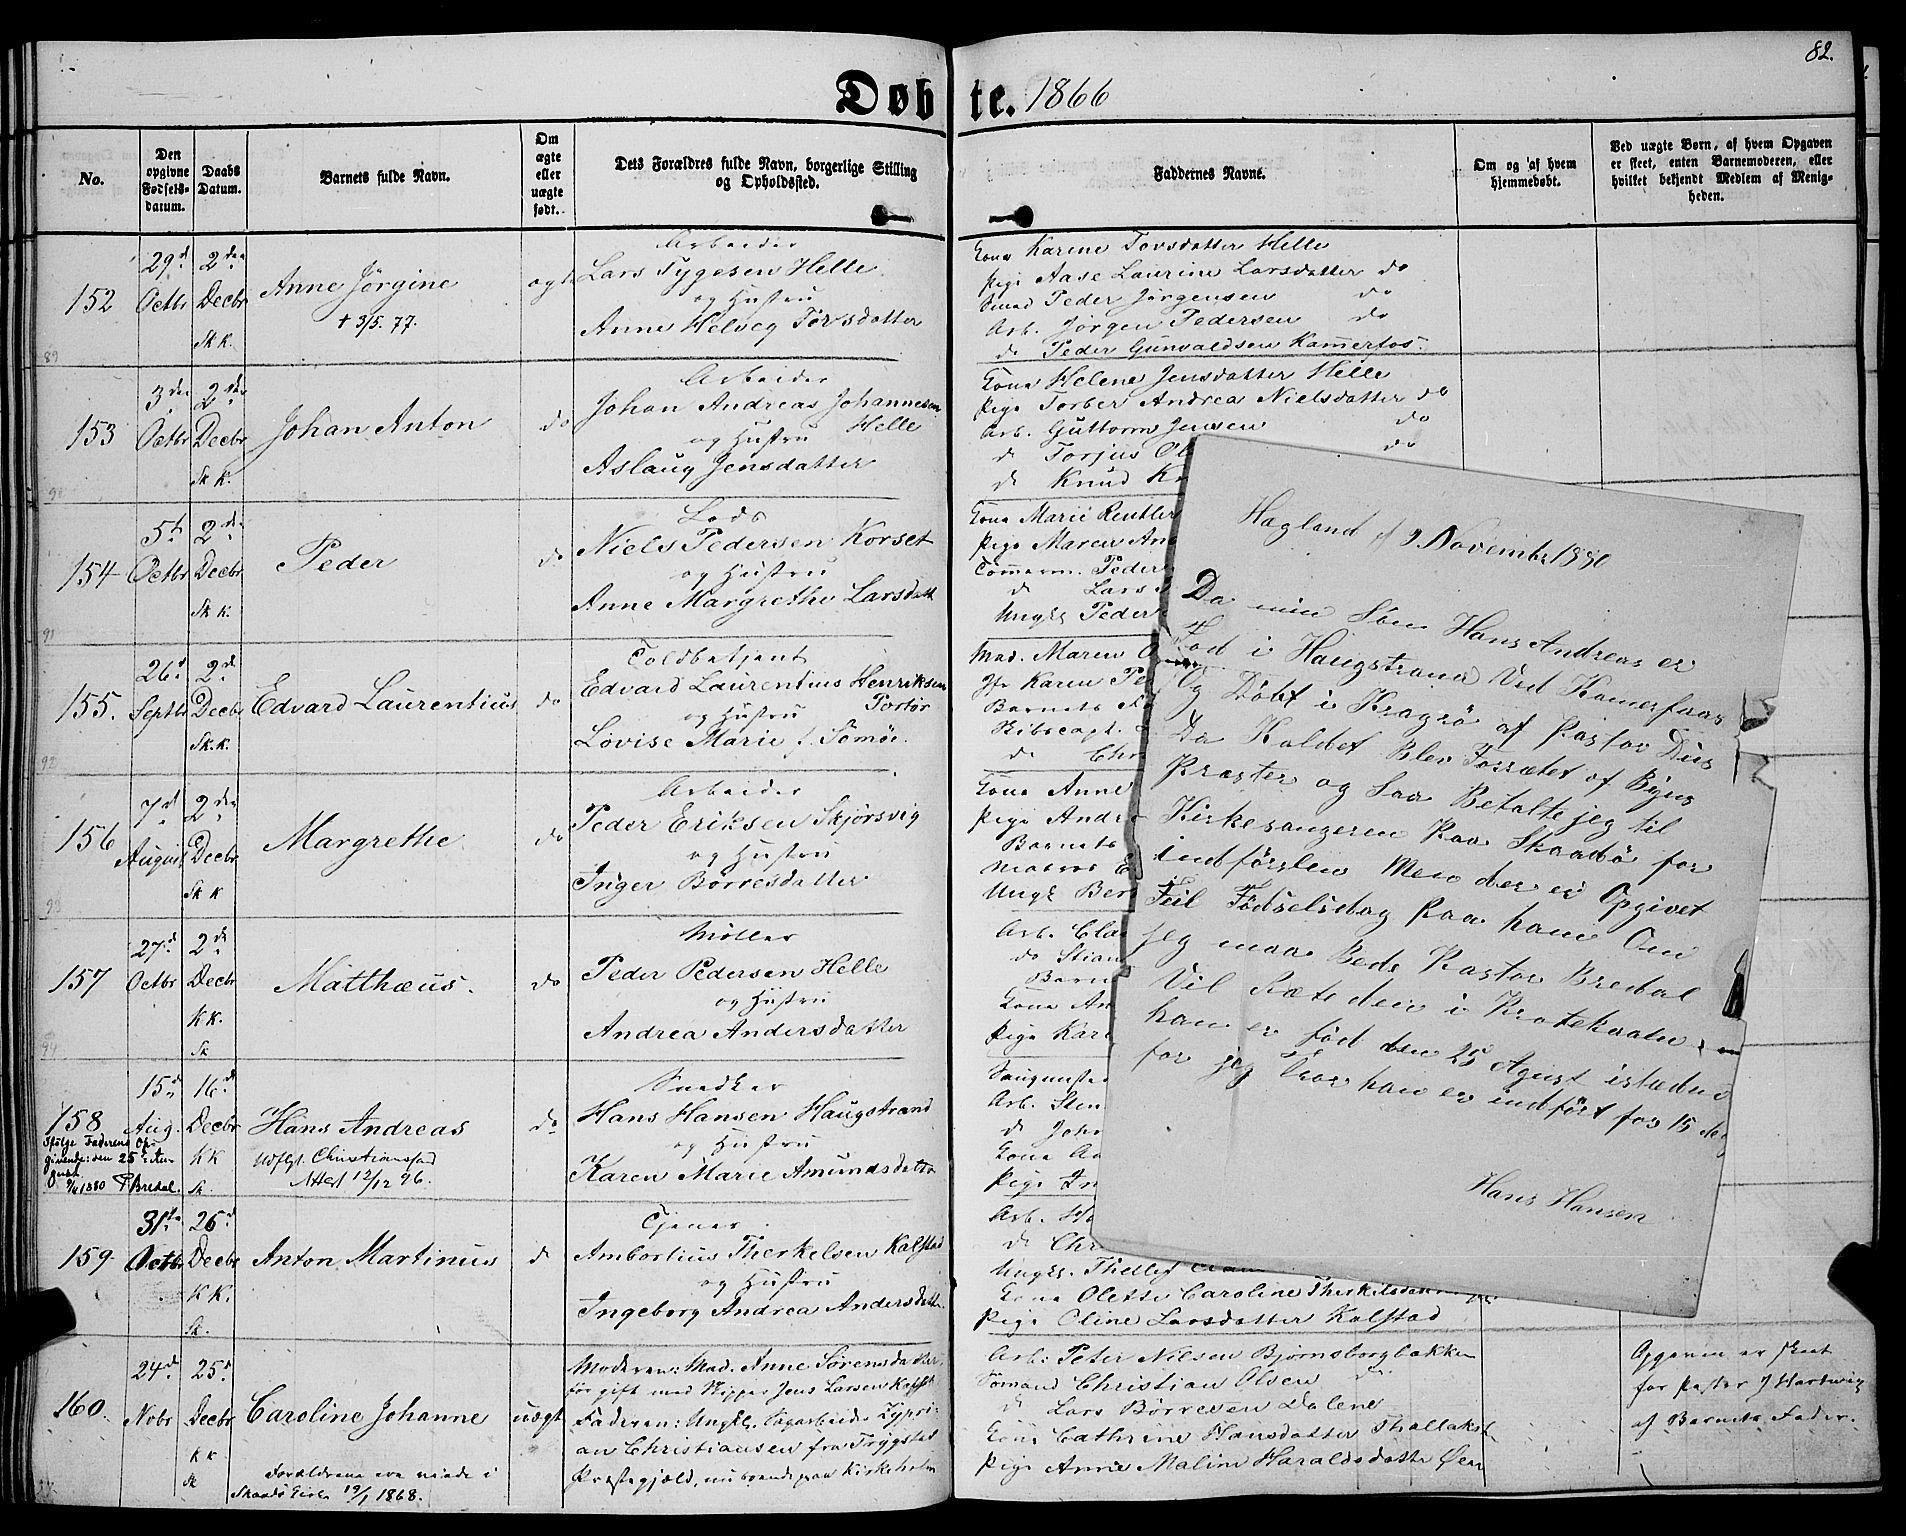 SAKO, Sannidal kirkebøker, F/Fa/L0011: Ministerialbok nr. 11, 1863-1873, s. 82